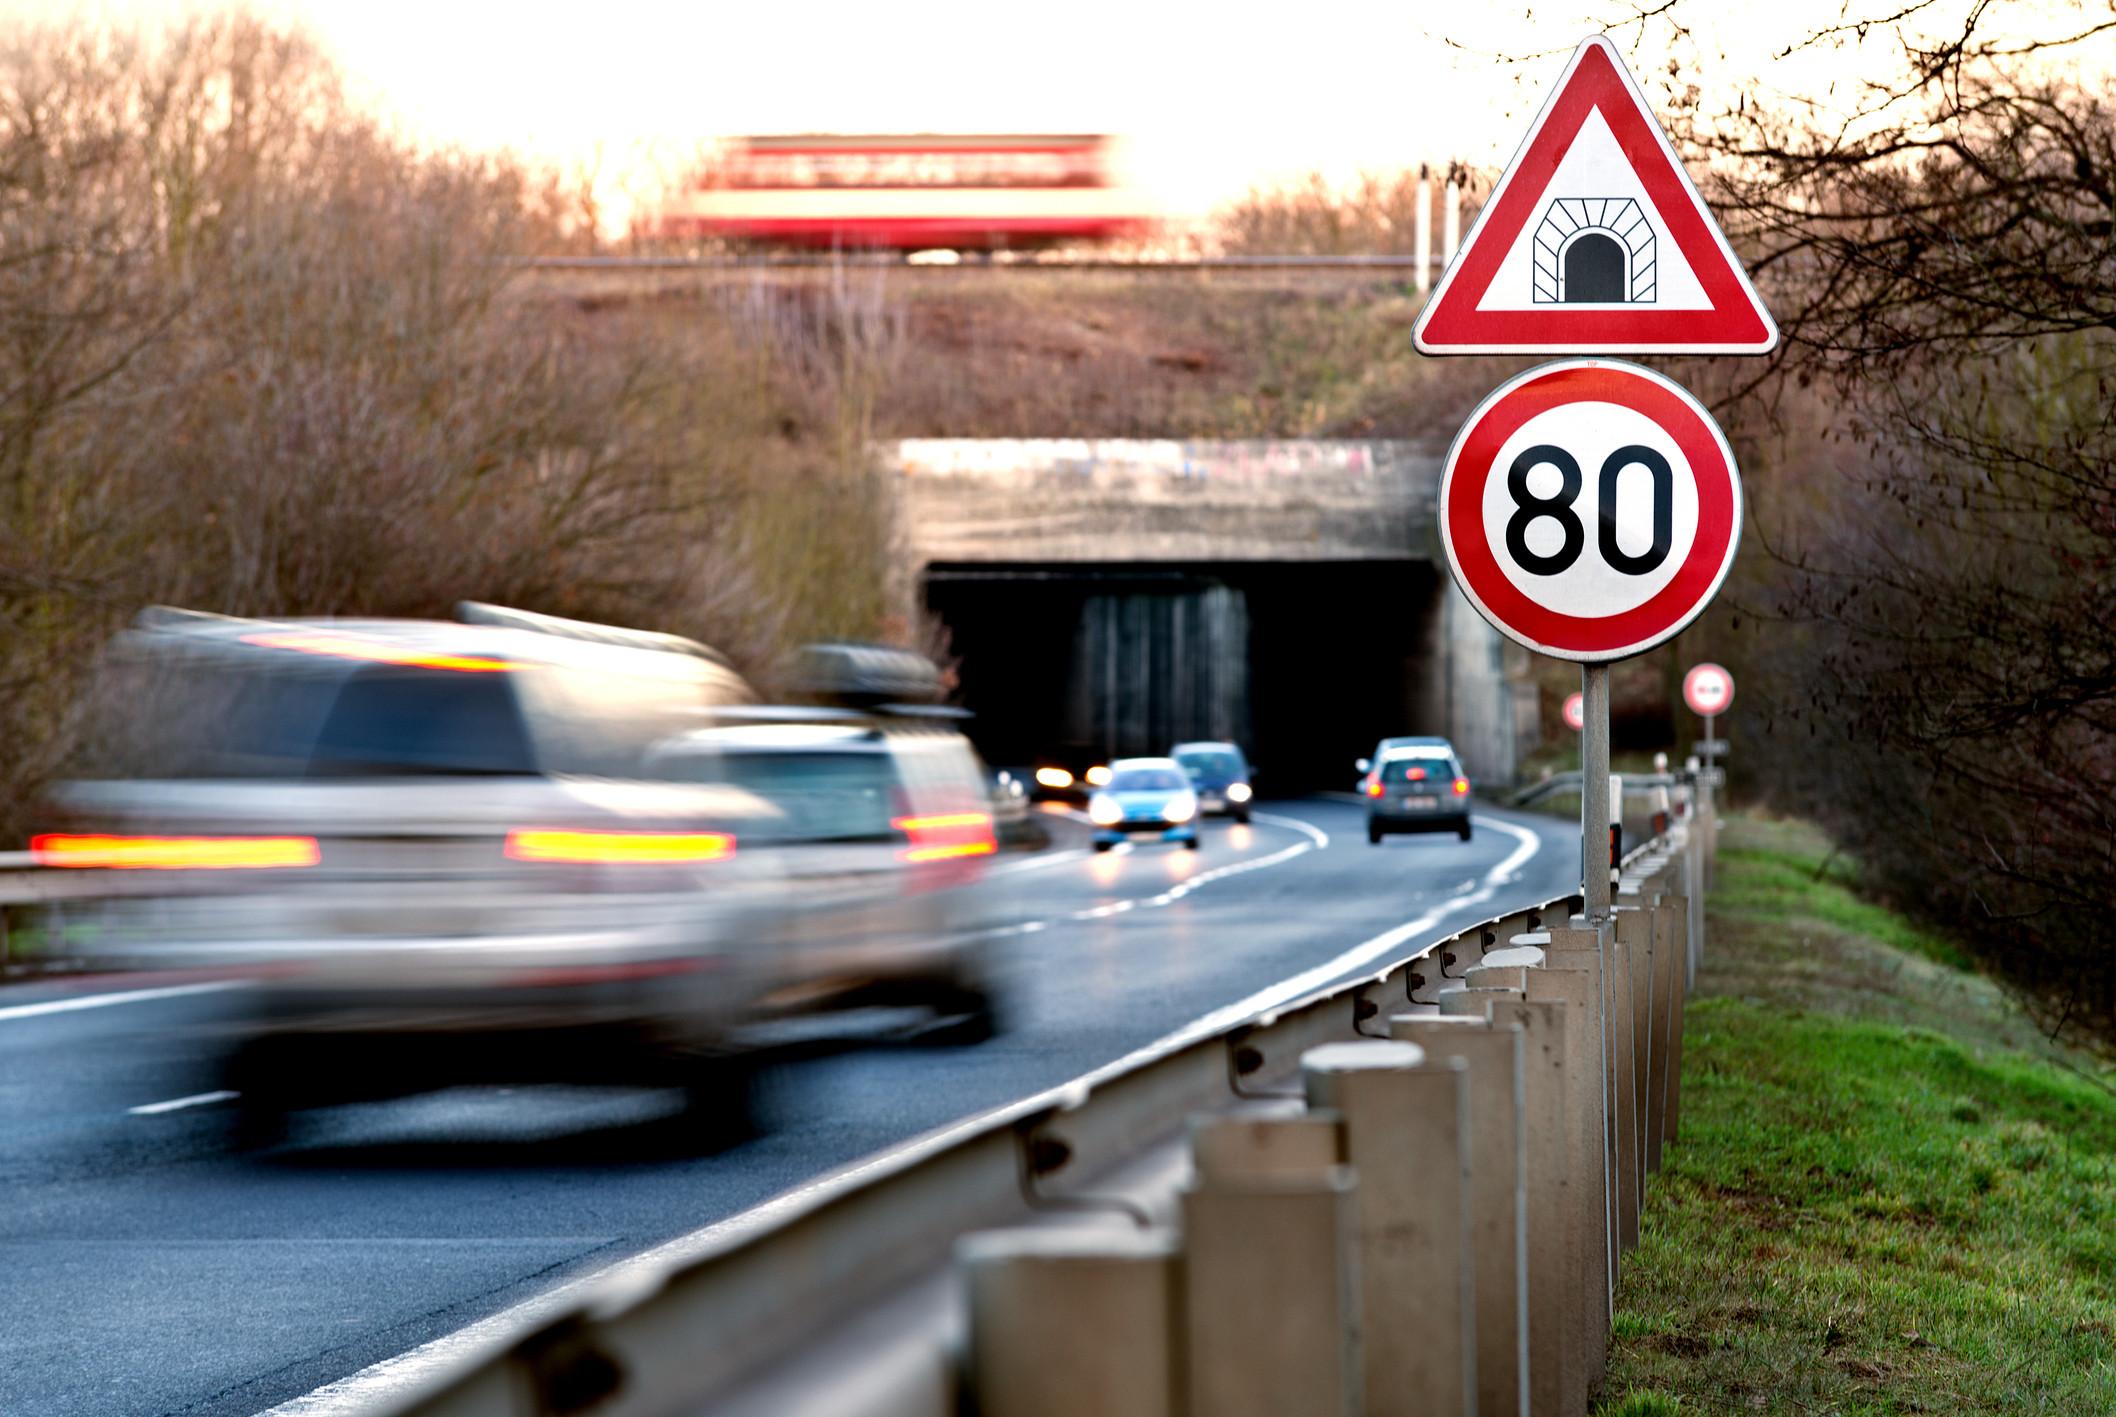 Límite a 80 en carretera convencional